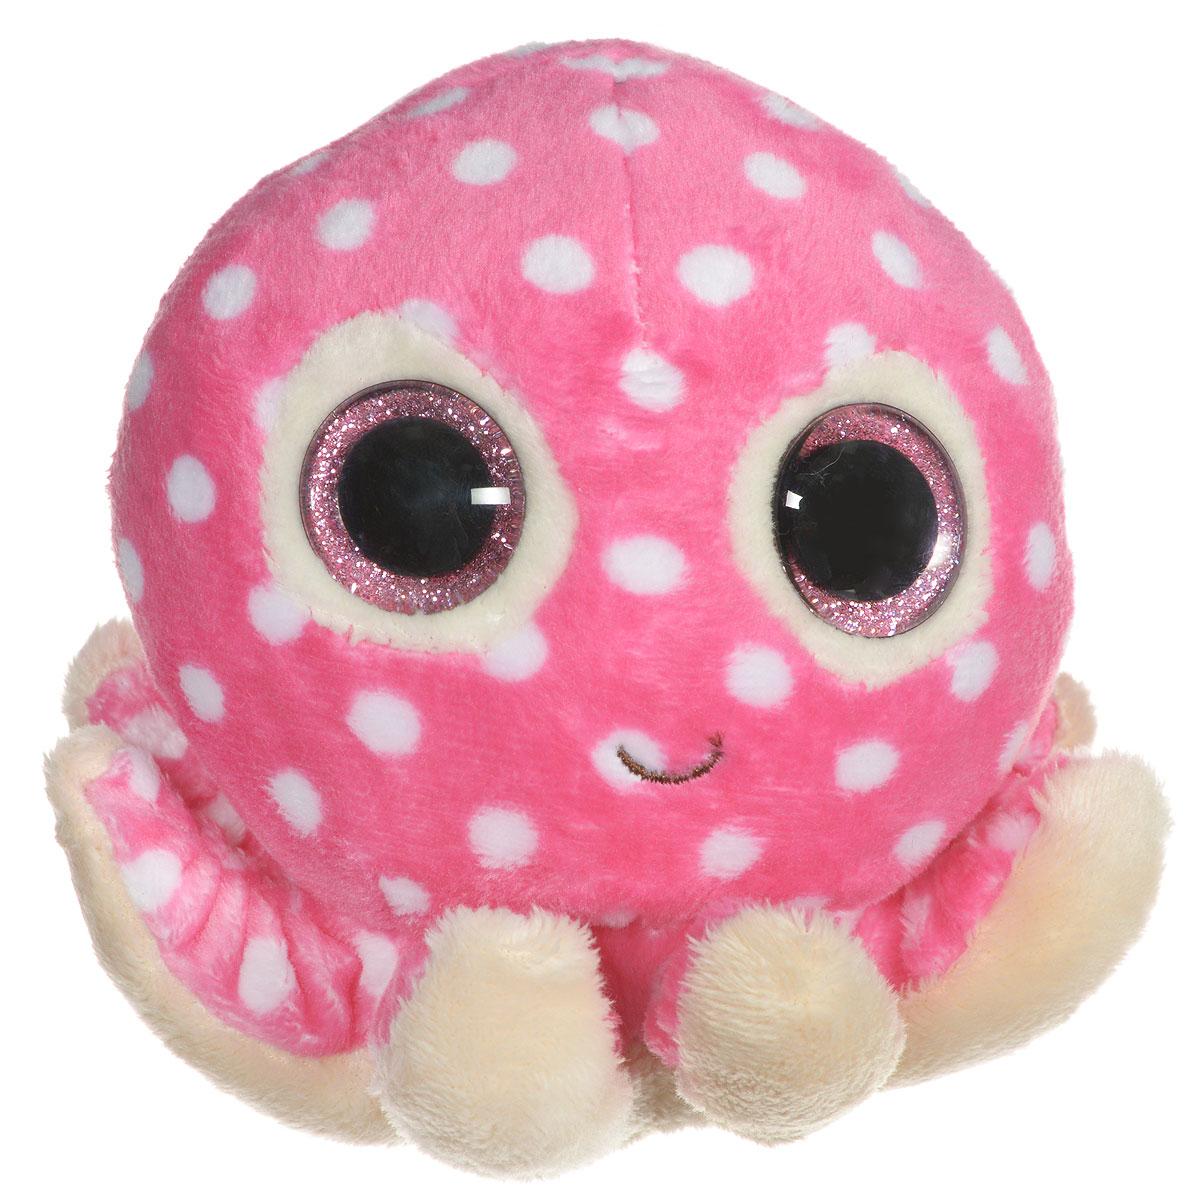 TY Мягкая игрушка Осьминог Ollie 11 см36083Забавная мягкая игрушка TY Осьминог Ollie, выполненная в виде розового осьминога, непременно вызовет улыбку и симпатию и у детей, и у взрослых. Трогательный осьминожек с выразительными блестящими глазками изготовлен из высококачественного и безопасного мягкого текстильного материала. Удобный небольшой размер игрушки позволит брать его с собой на прогулку и малышу не придется расставаться со своим новым другом. Удивительно мягкая игрушка принесет радость и подарит своему обладателю мгновения нежных объятий и приятных воспоминаний. Специальные гранулы, используемые при ее набивке, способствуют развитию мелкой моторики рук малыша.